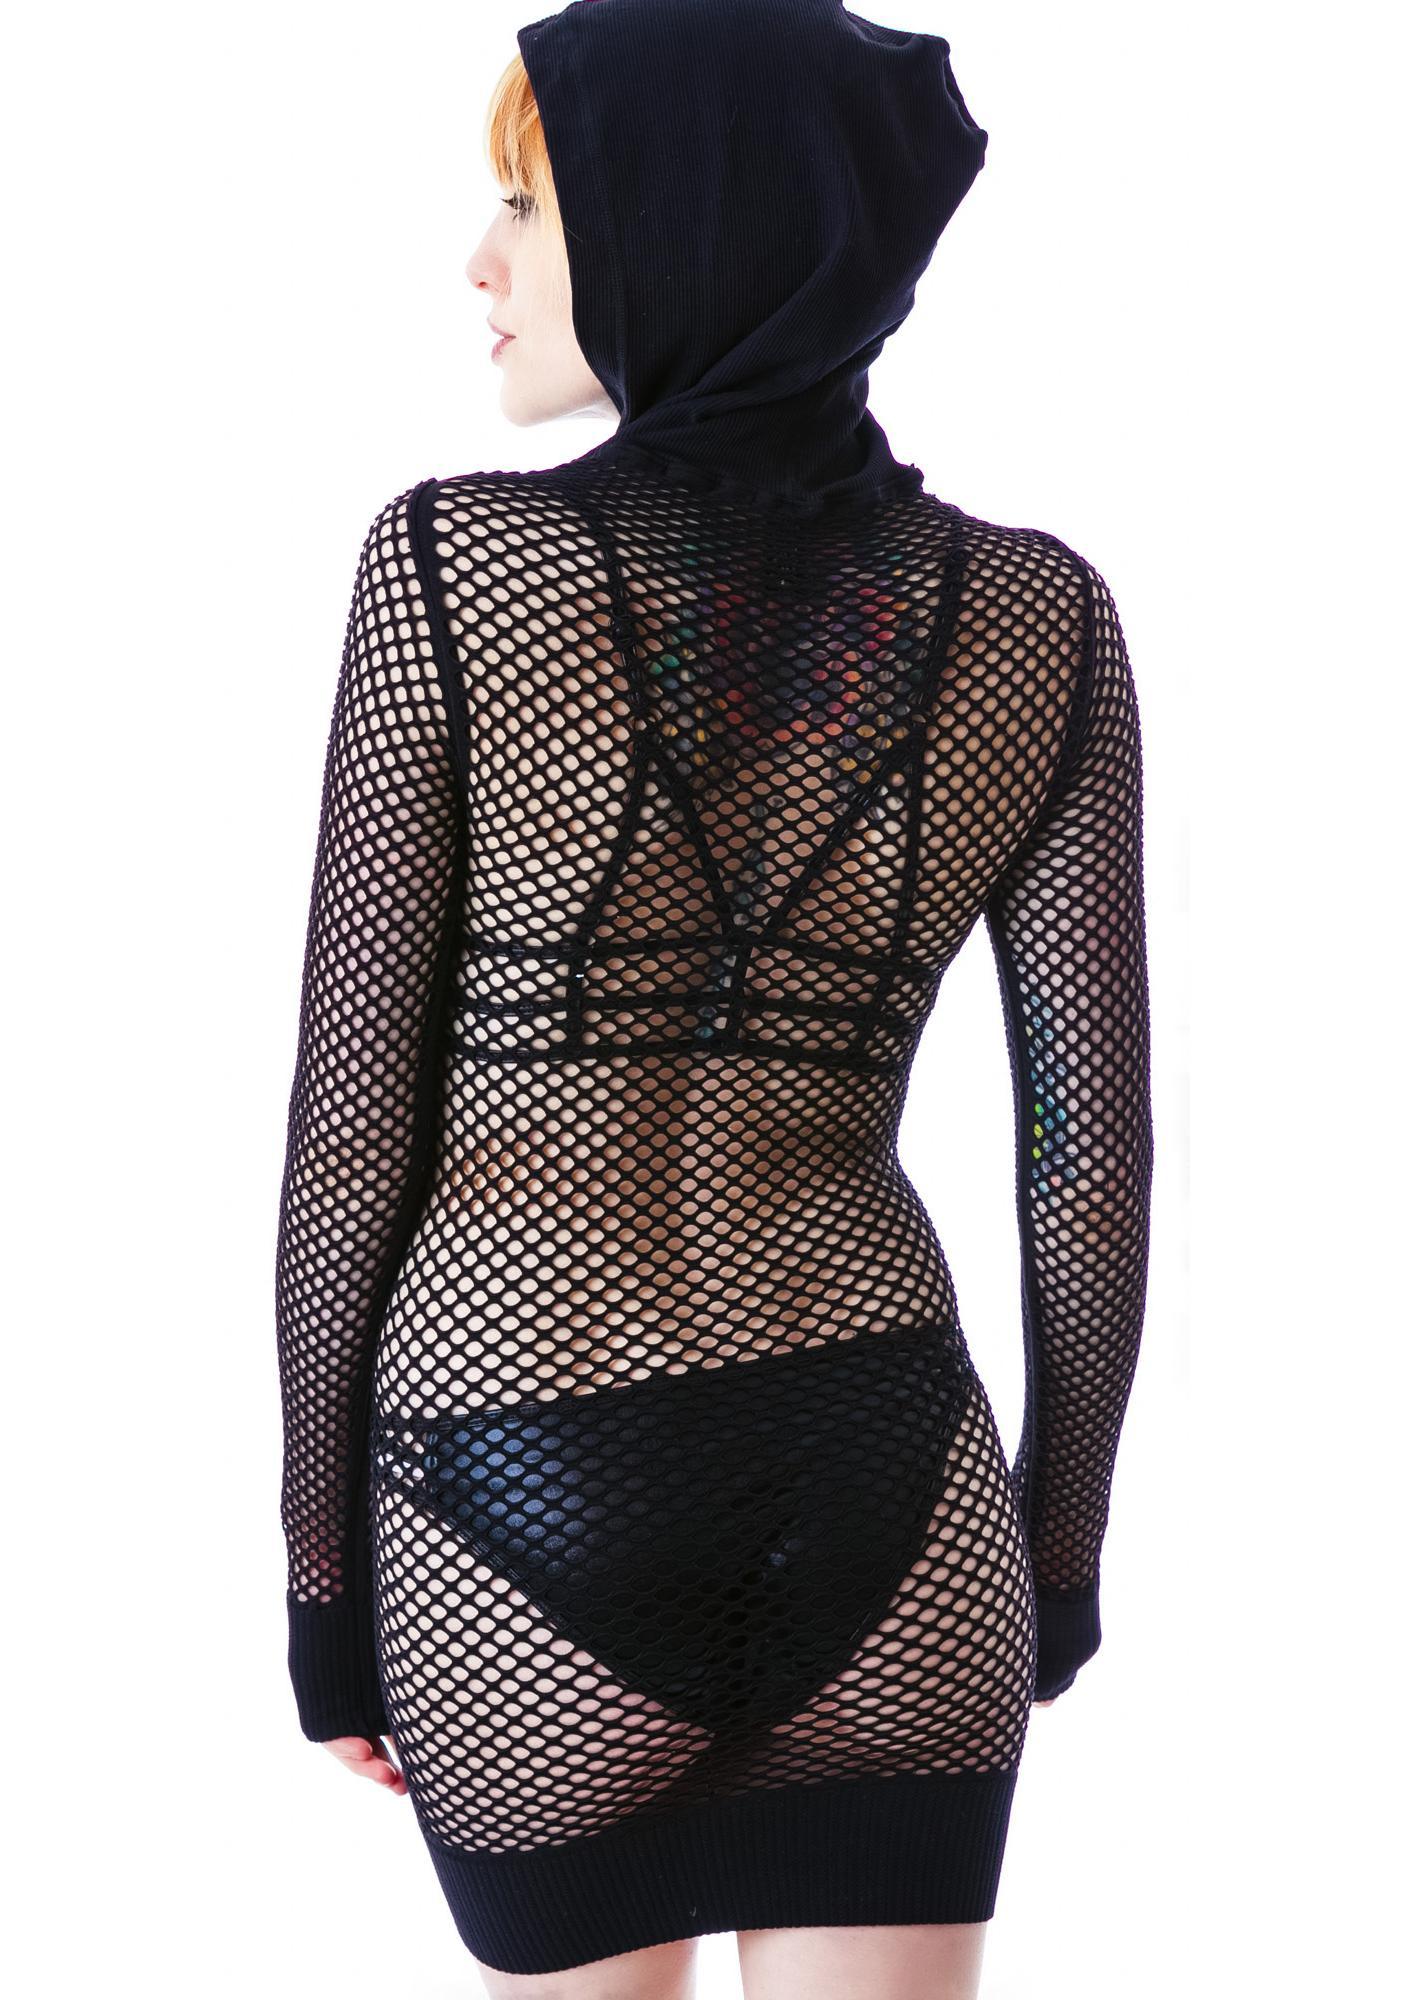 Paxton Net Hooded Dress